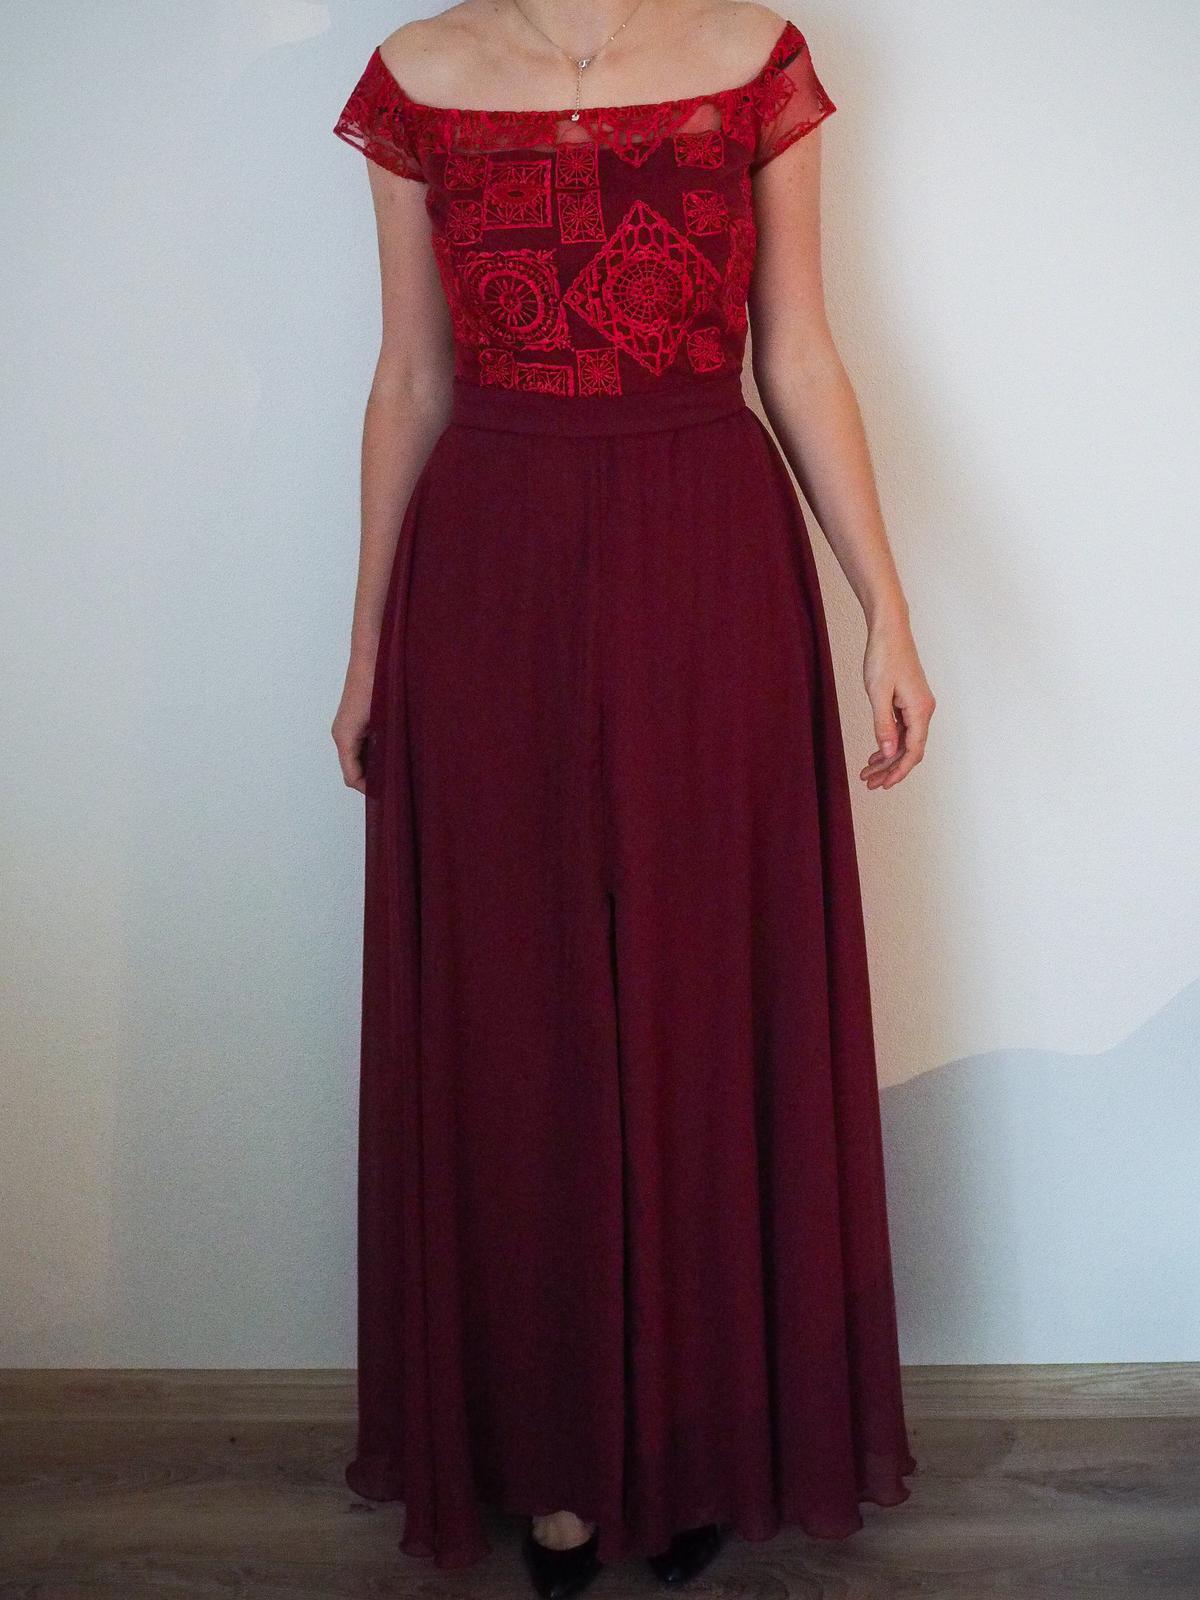 feee4220d056 Spoločenské šaty dlhé bordové